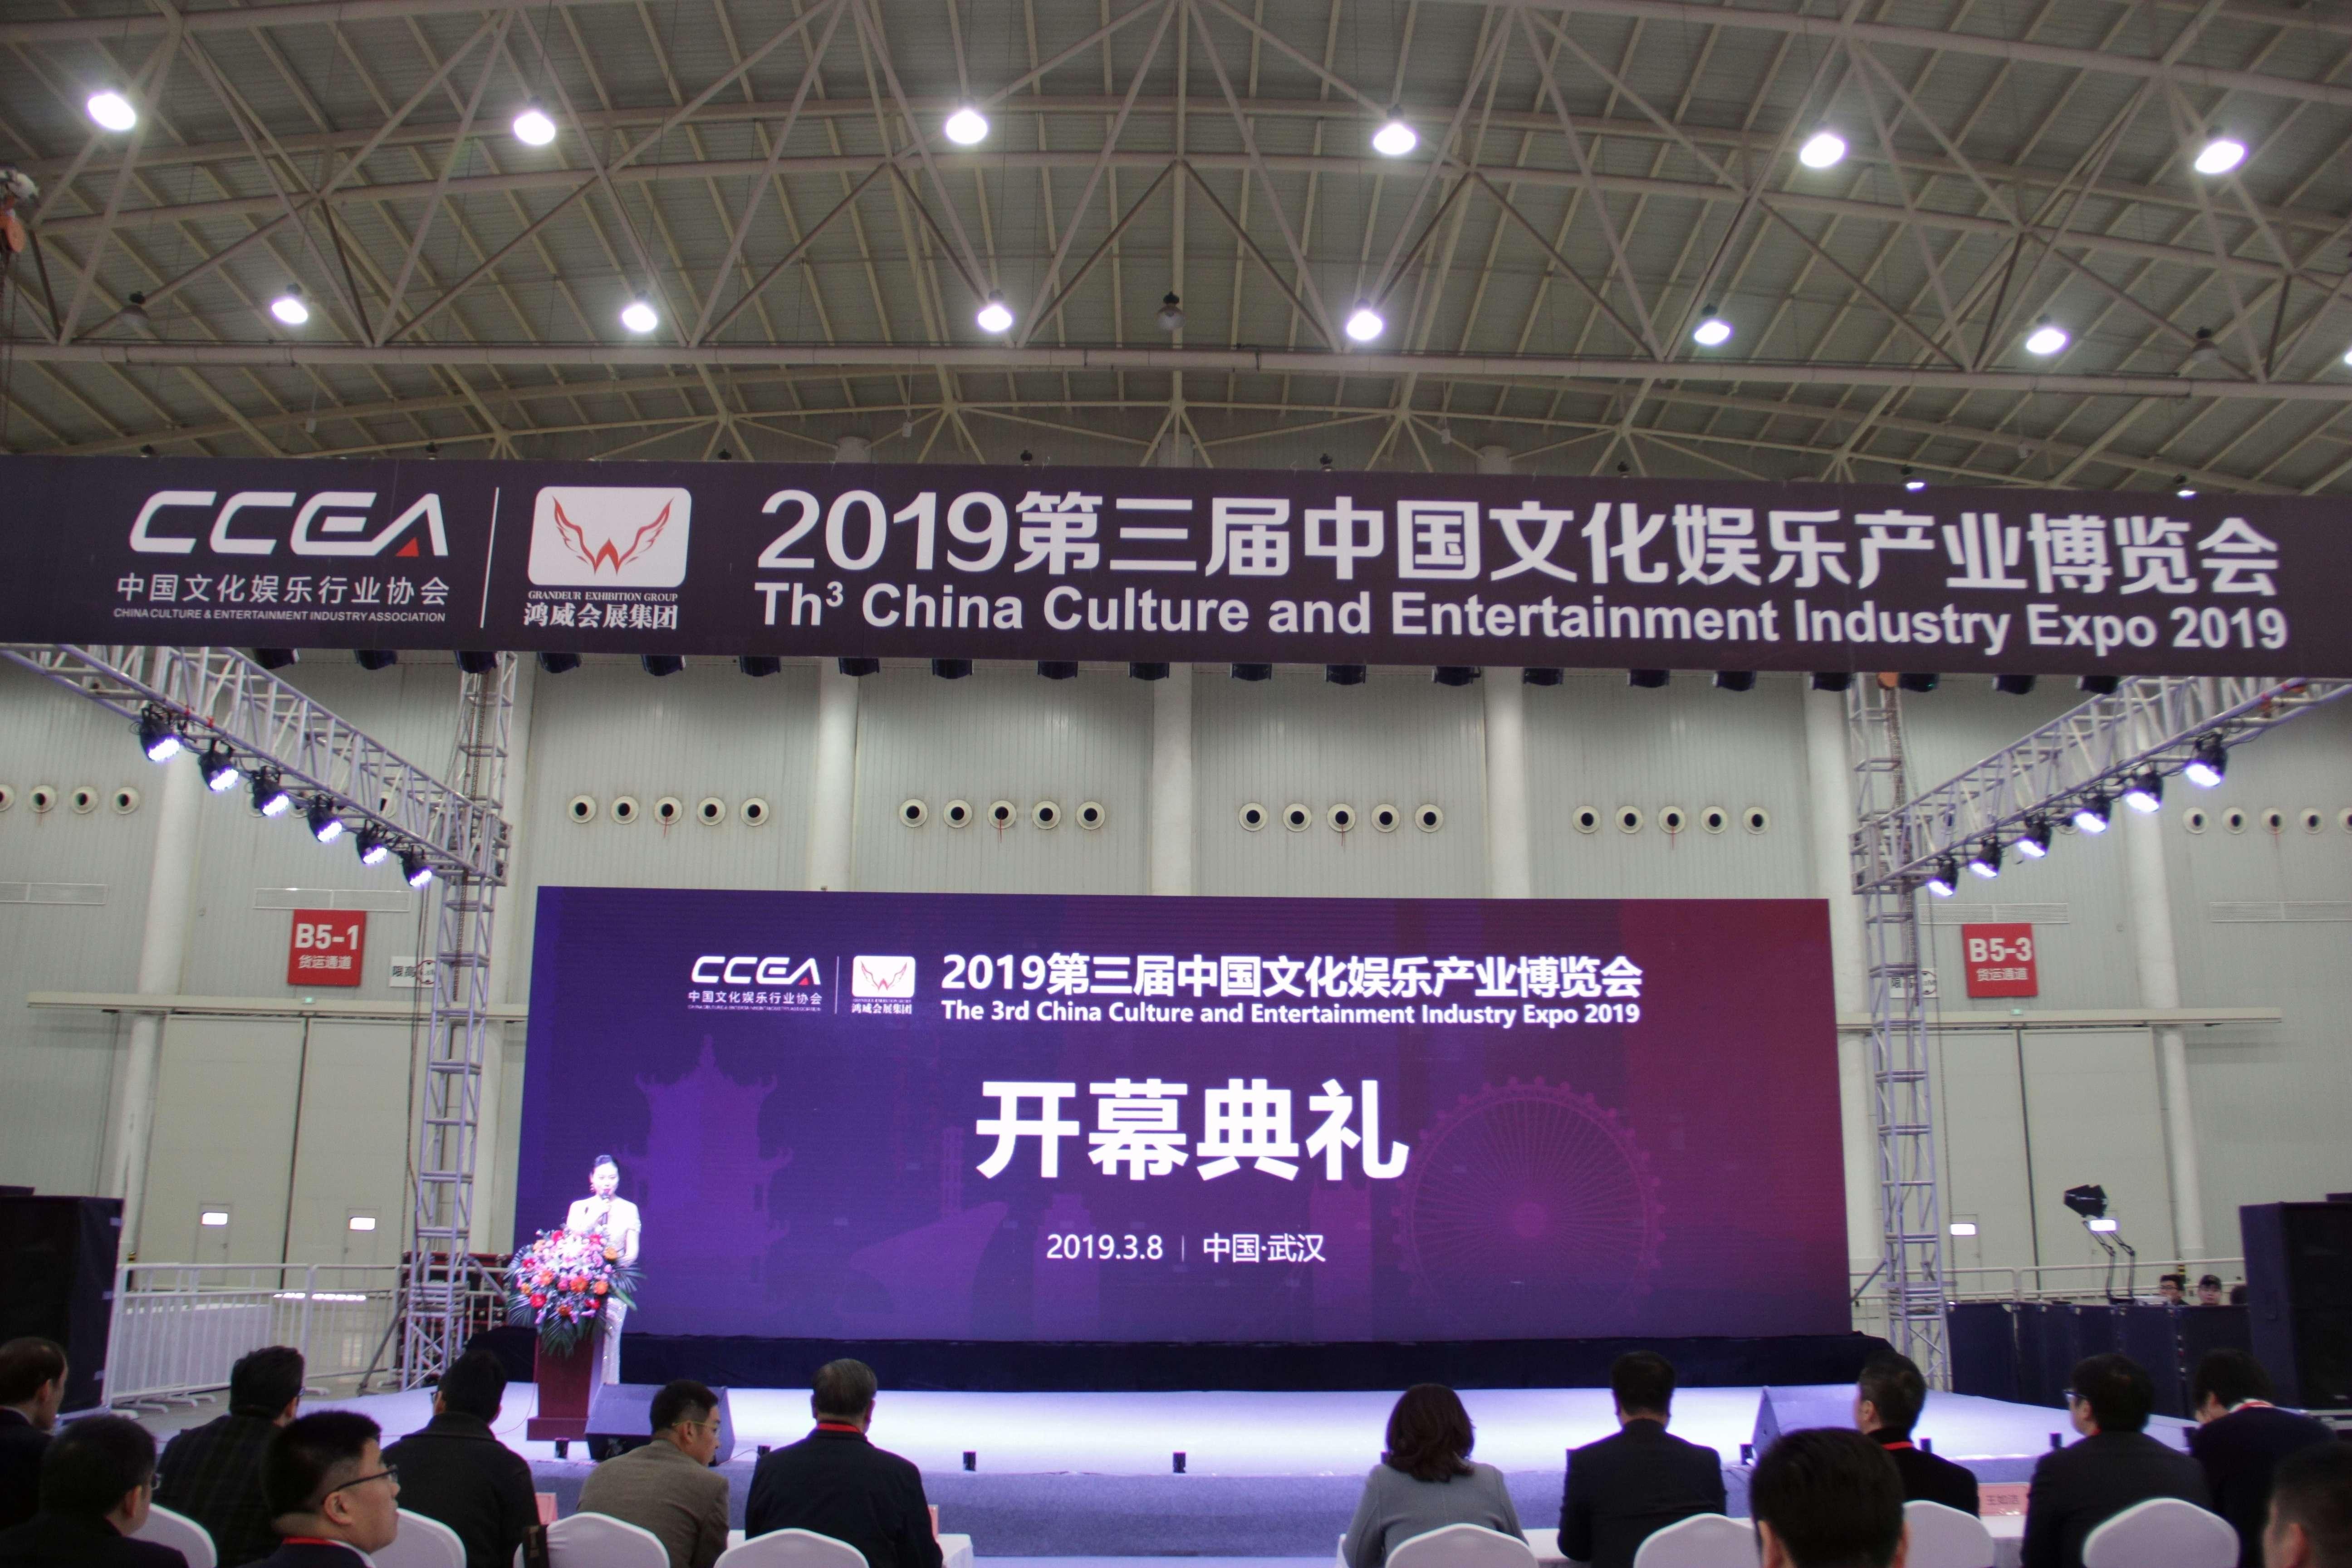 ▲2019第三届中国文化娱乐产业博览会开幕式